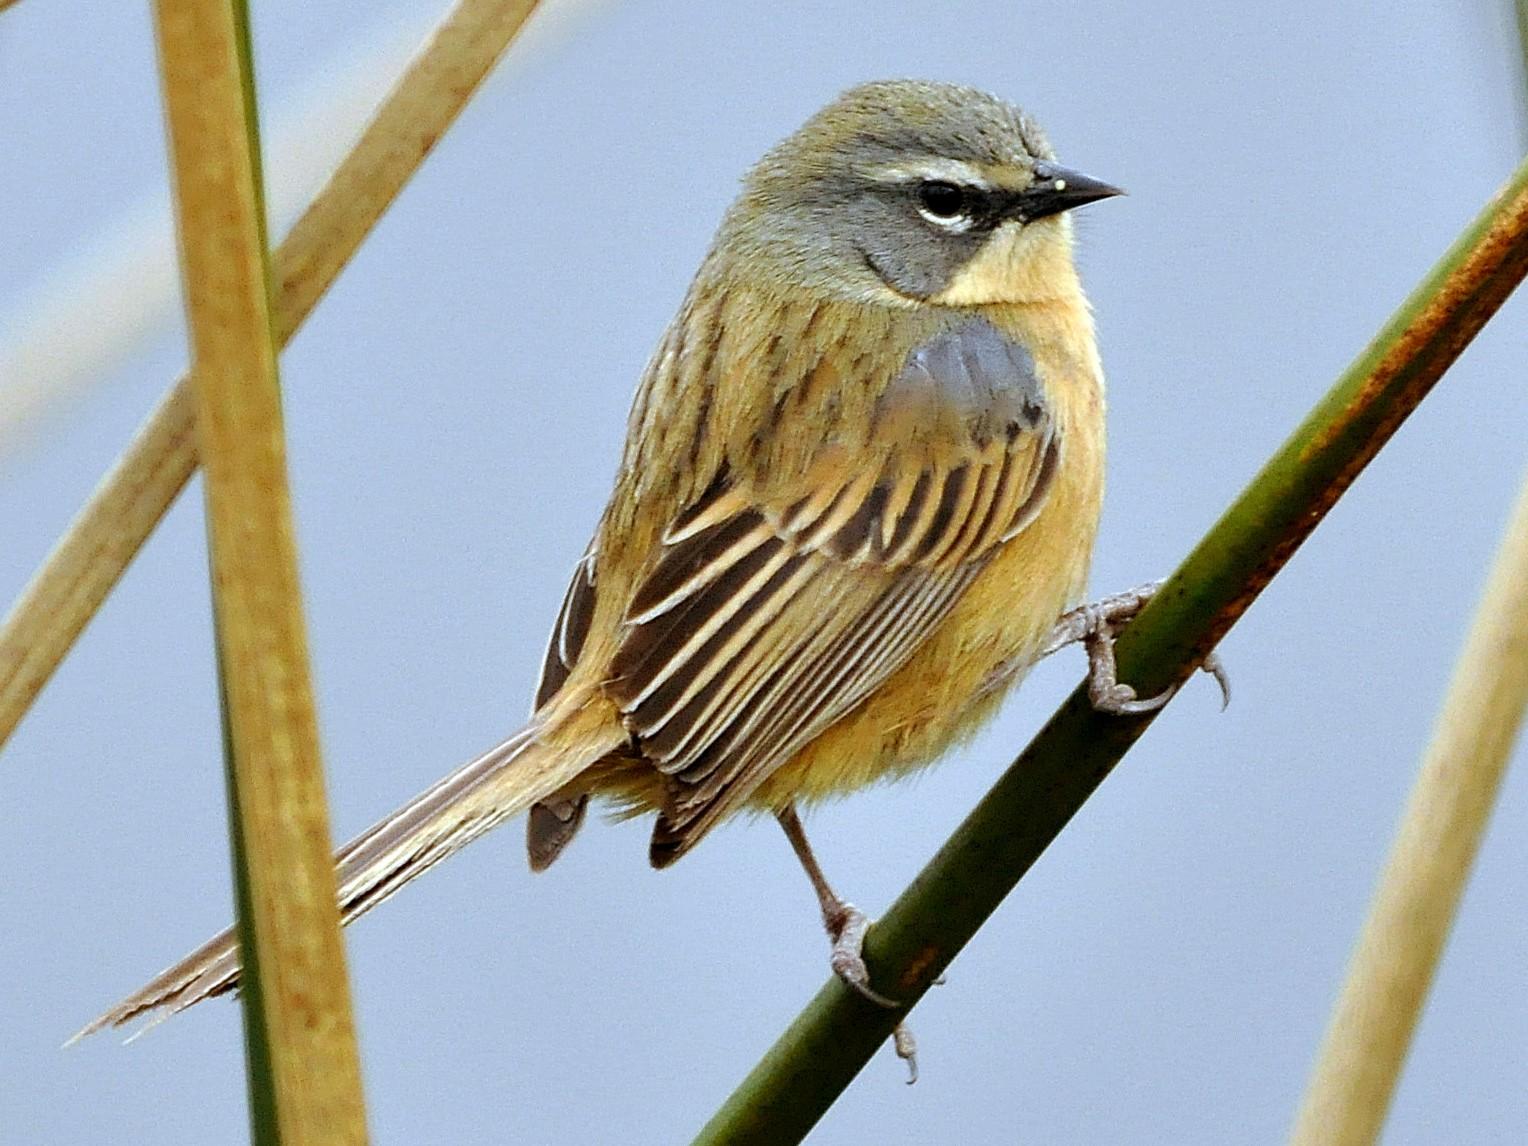 Long-tailed Reed Finch - Fermin Zorrilla